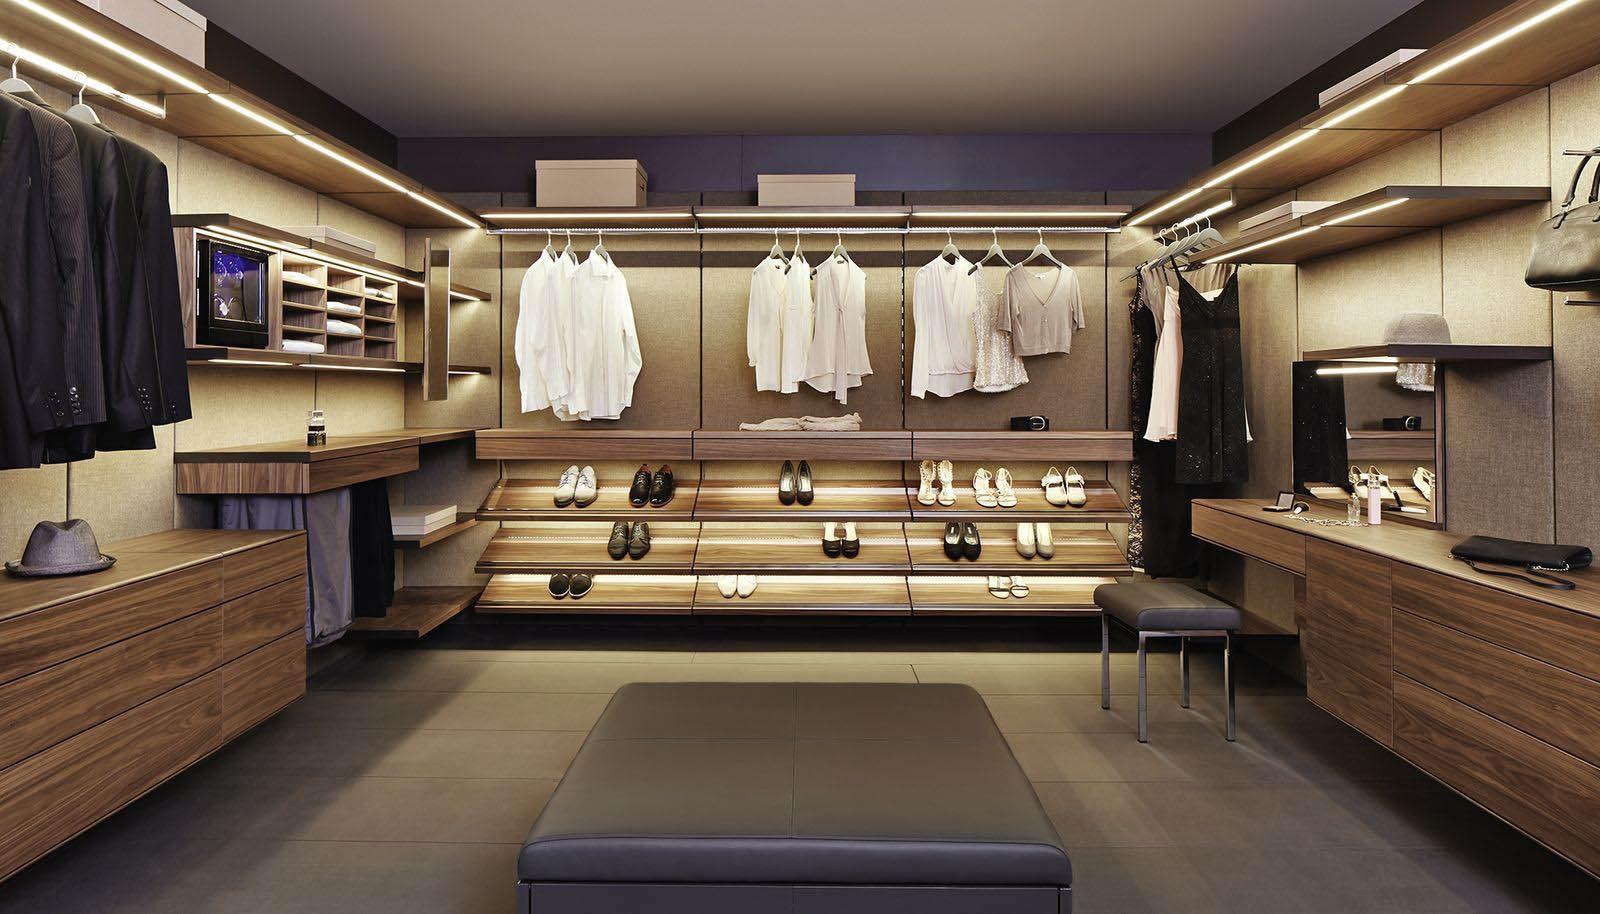 Универсальное торговое оборудование магазина одежды — особенности, концепция